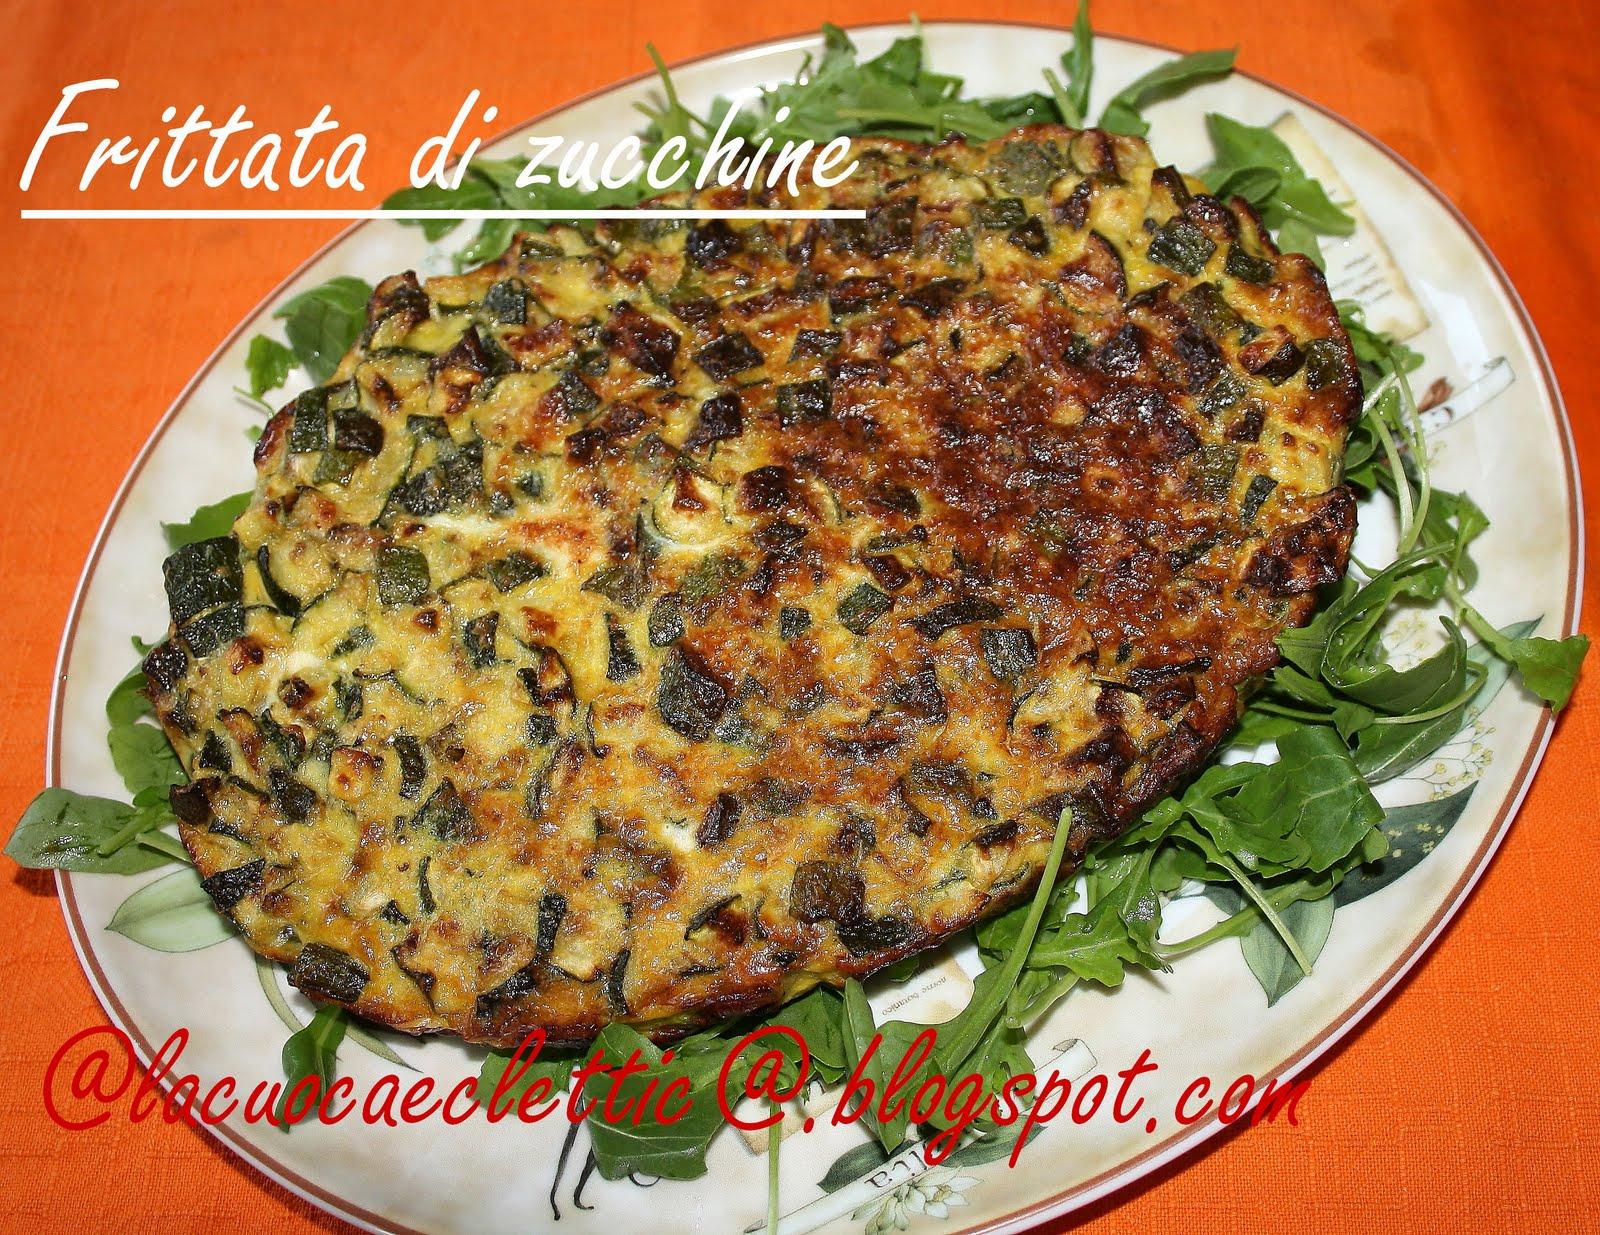 La frittata con le zucchine, ovviamente fritta, l'ho sempre preparata ...